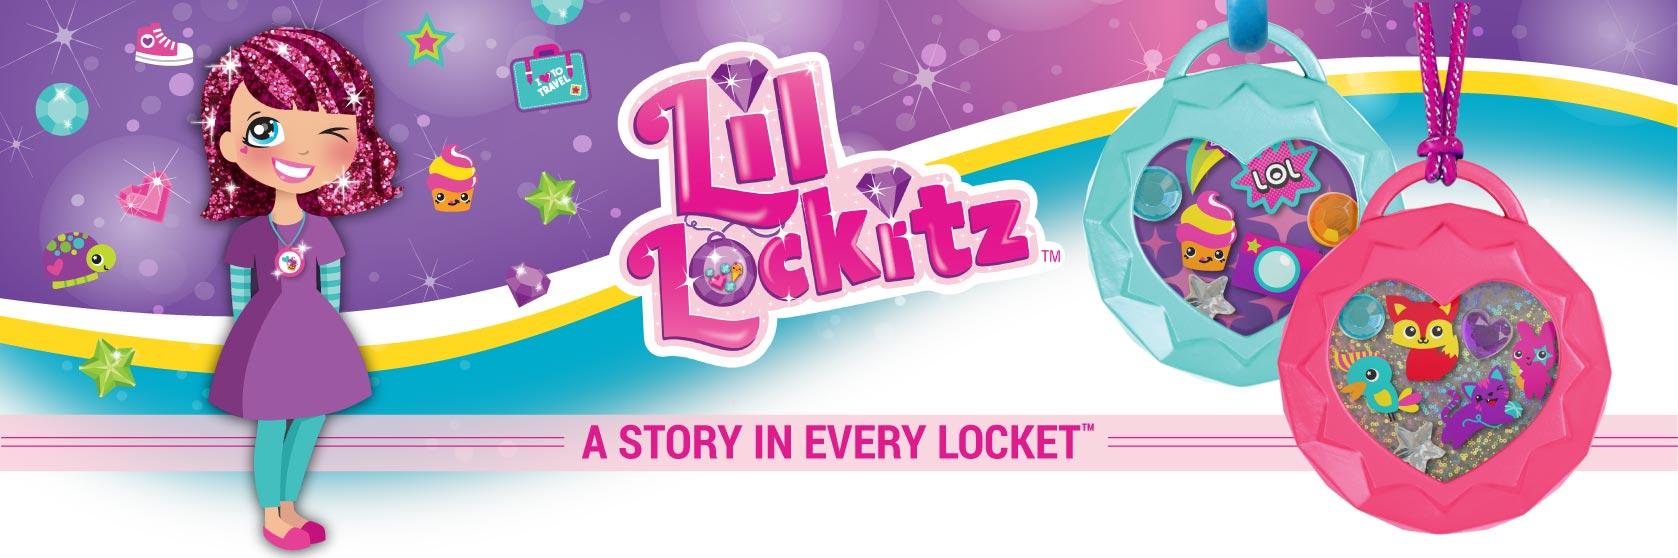 Lil Lockitz